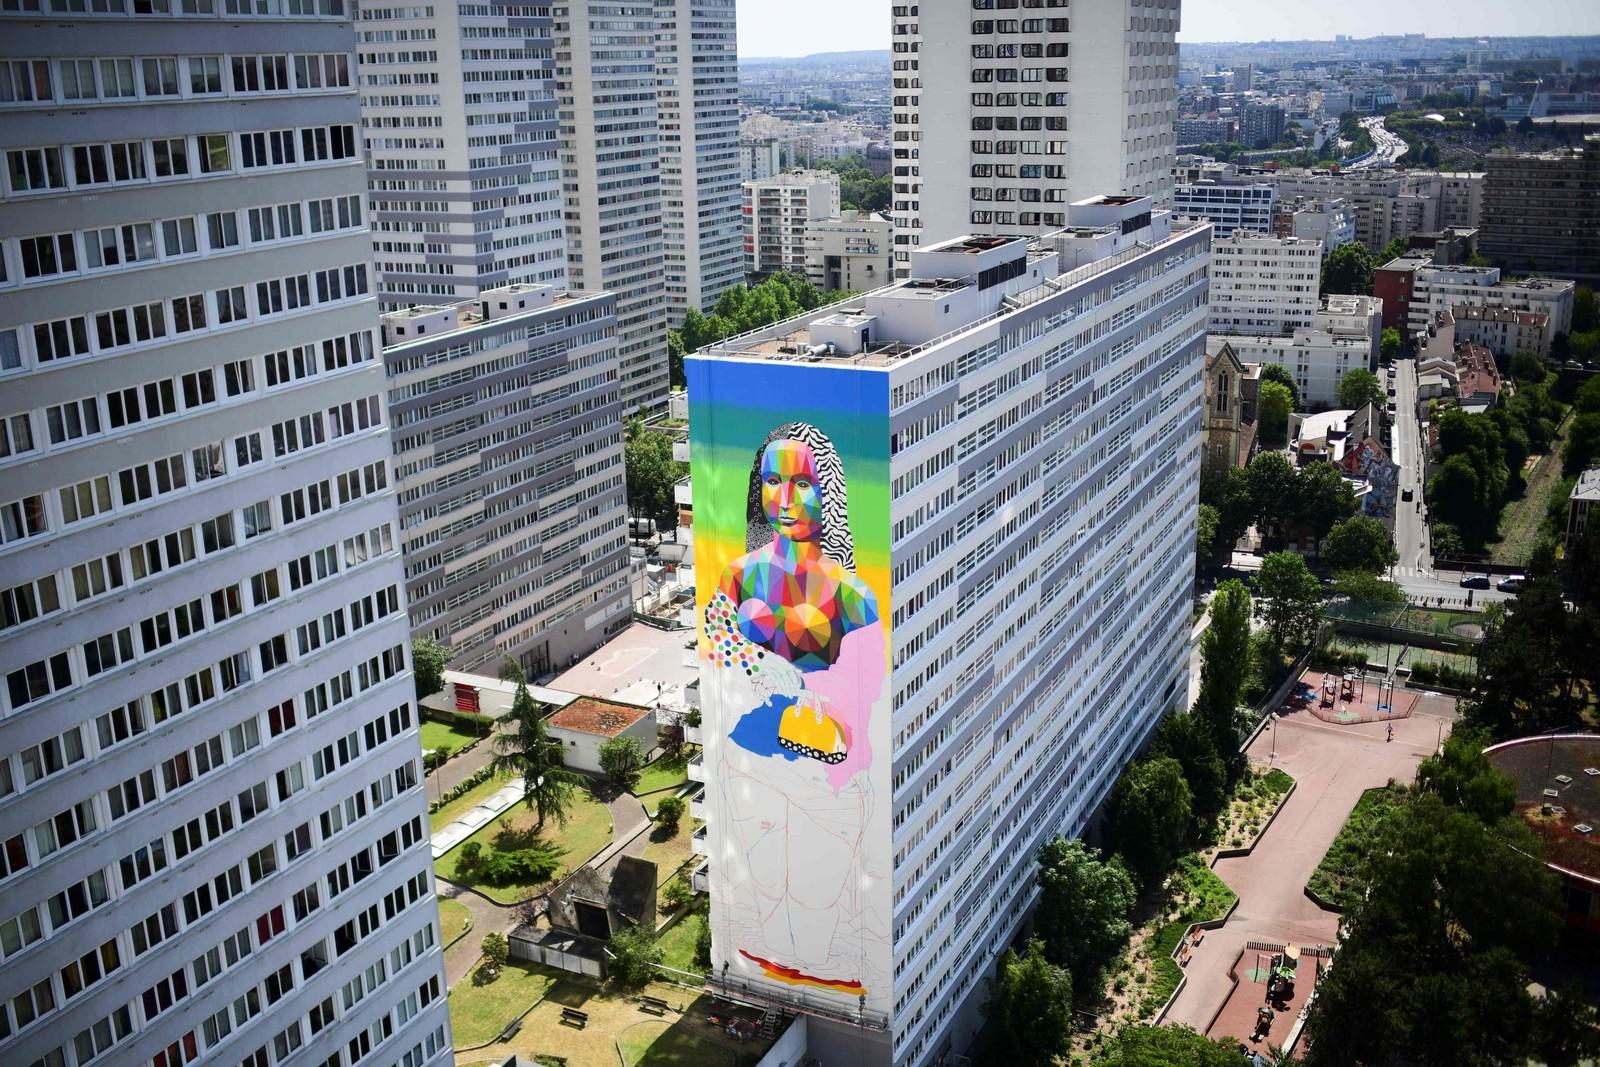 Den spanske streetart-kunstneren Oscar Okuda står bak denne freskoen av Mona Lisa, som du kan se på en bygning i Paris' 13. distrikt.